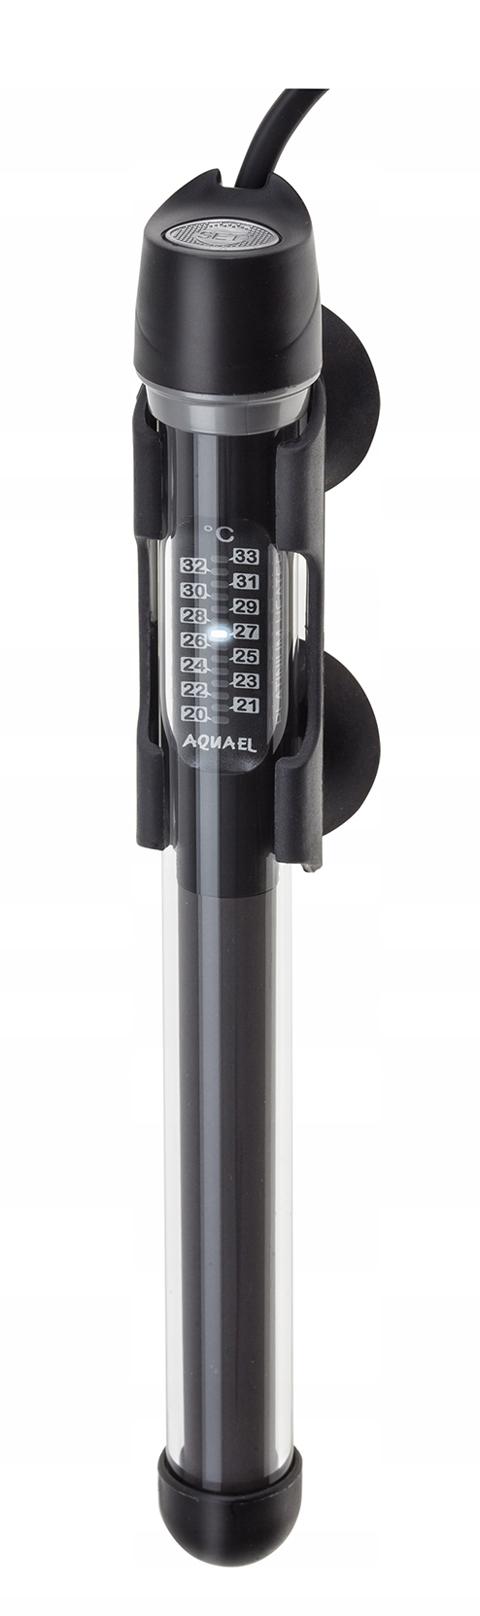 Нагреватель Platinium Heater 25 Вт для аквариумов